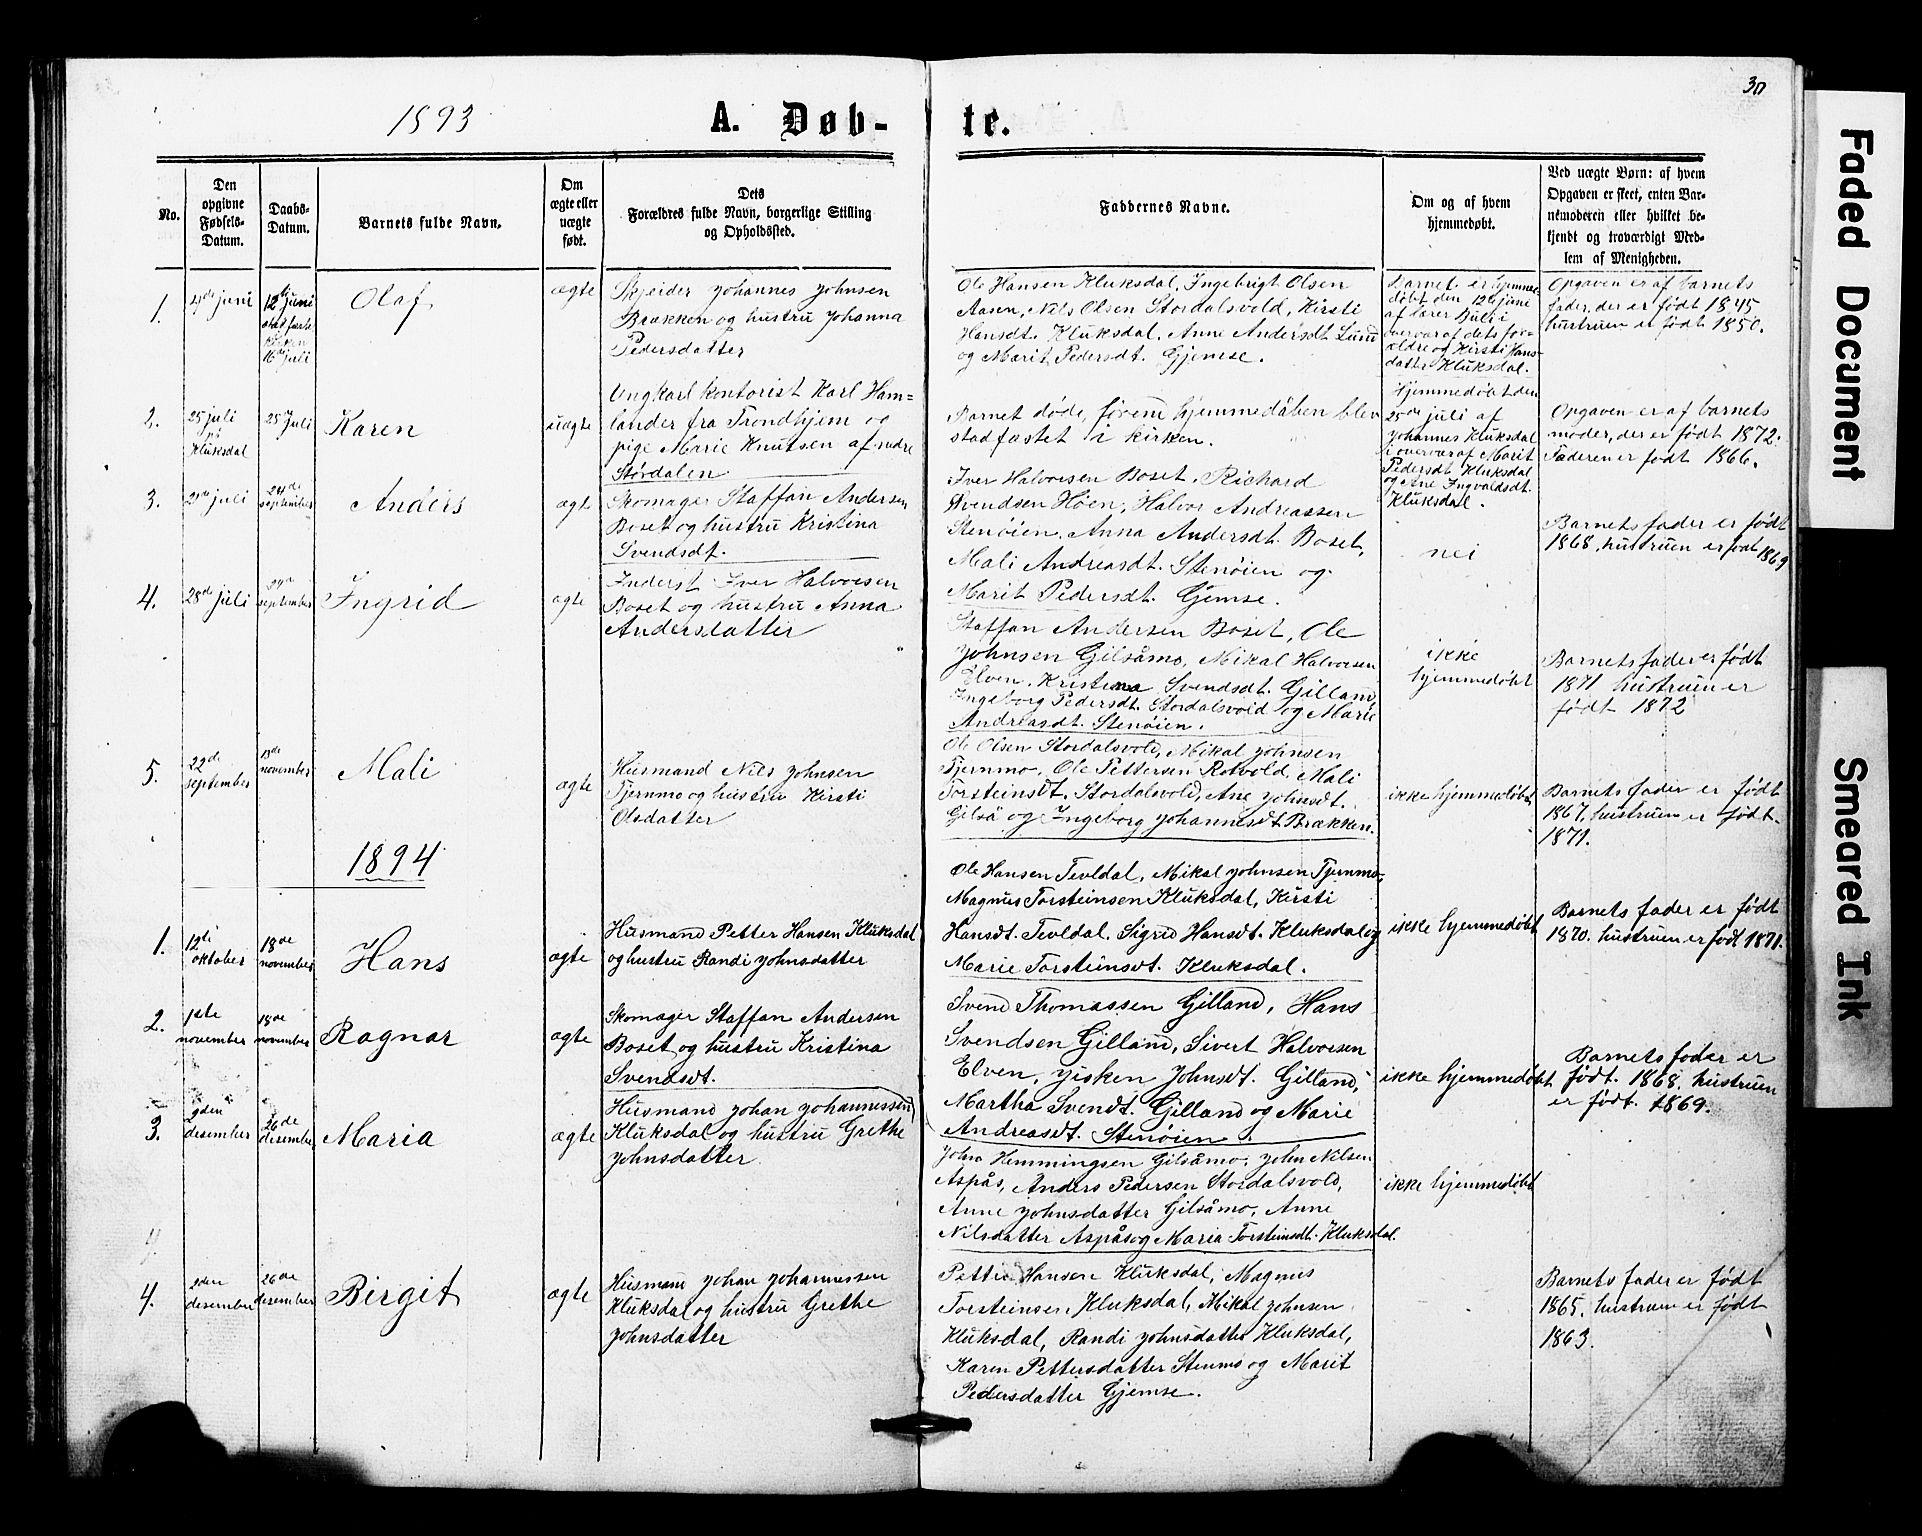 SAT, Ministerialprotokoller, klokkerbøker og fødselsregistre - Nord-Trøndelag, 707/L0052: Klokkerbok nr. 707C01, 1864-1897, s. 30